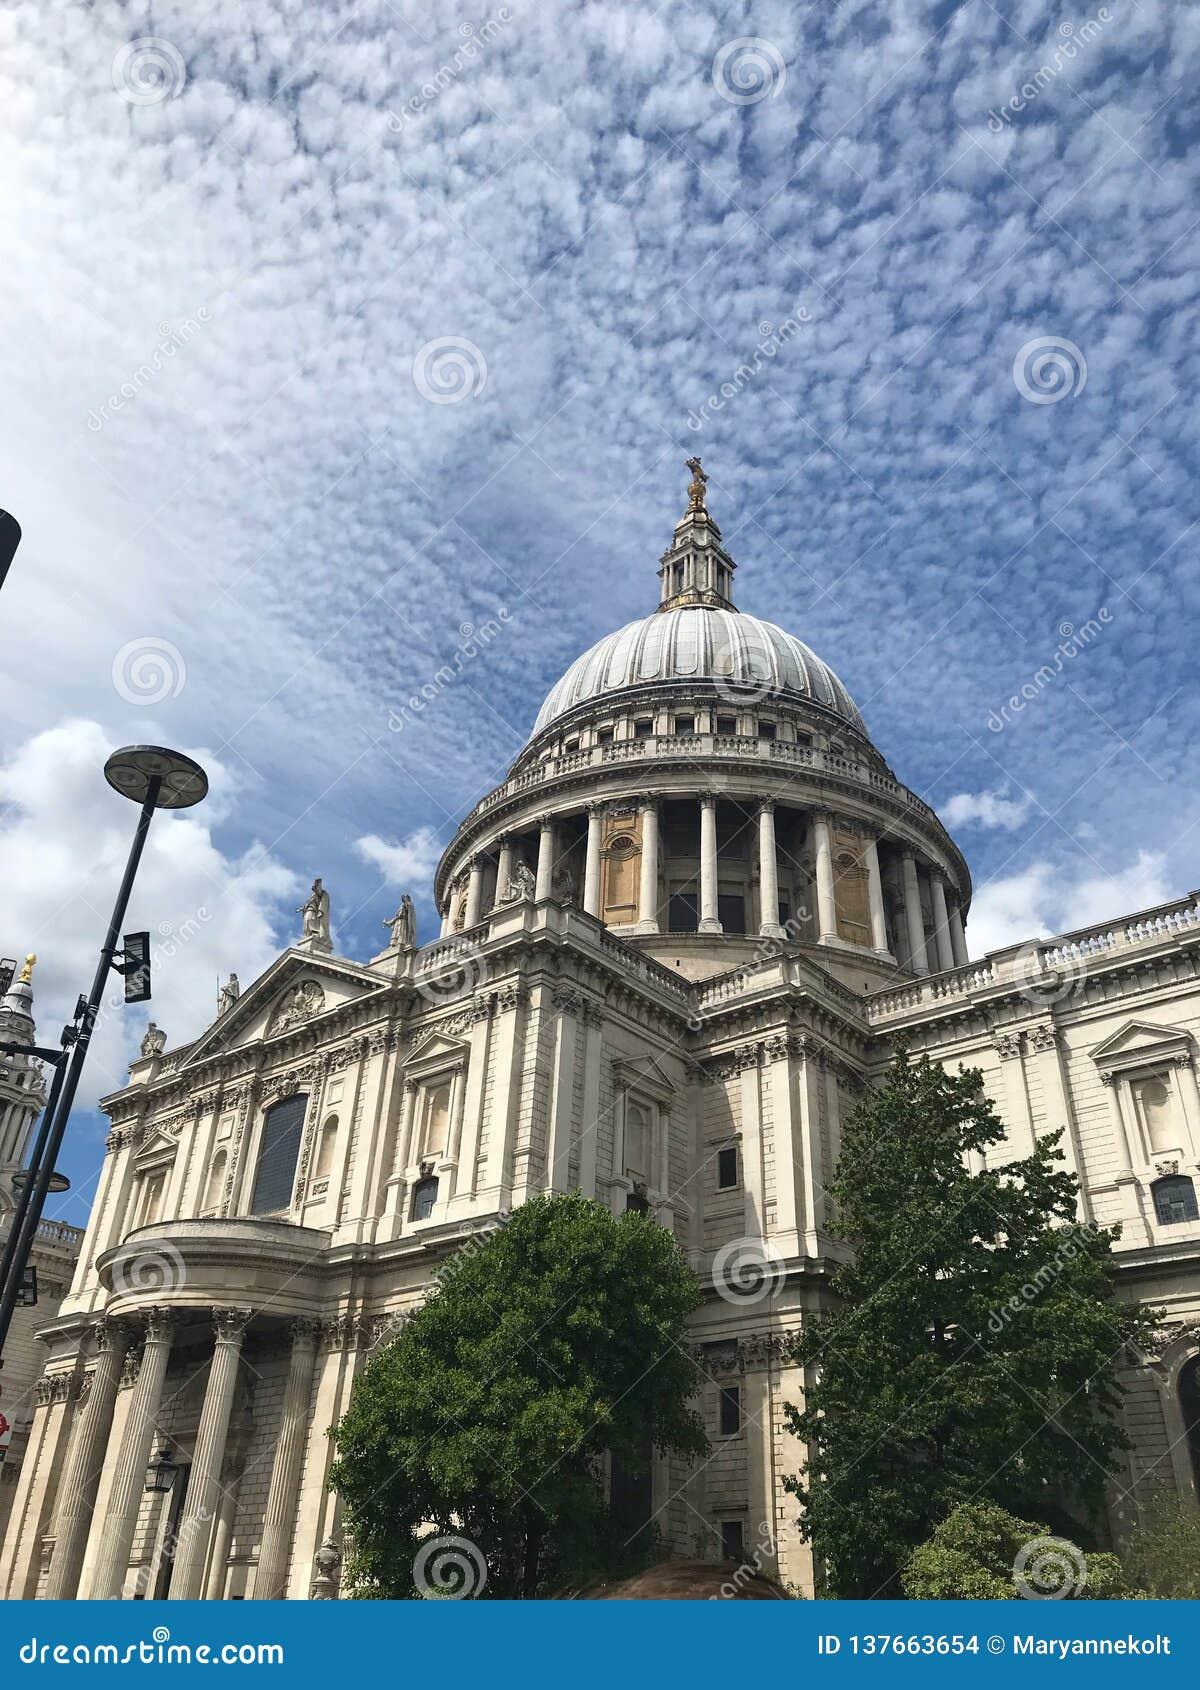 StPauls Kathedrale, London, Vereinigtes Königreich